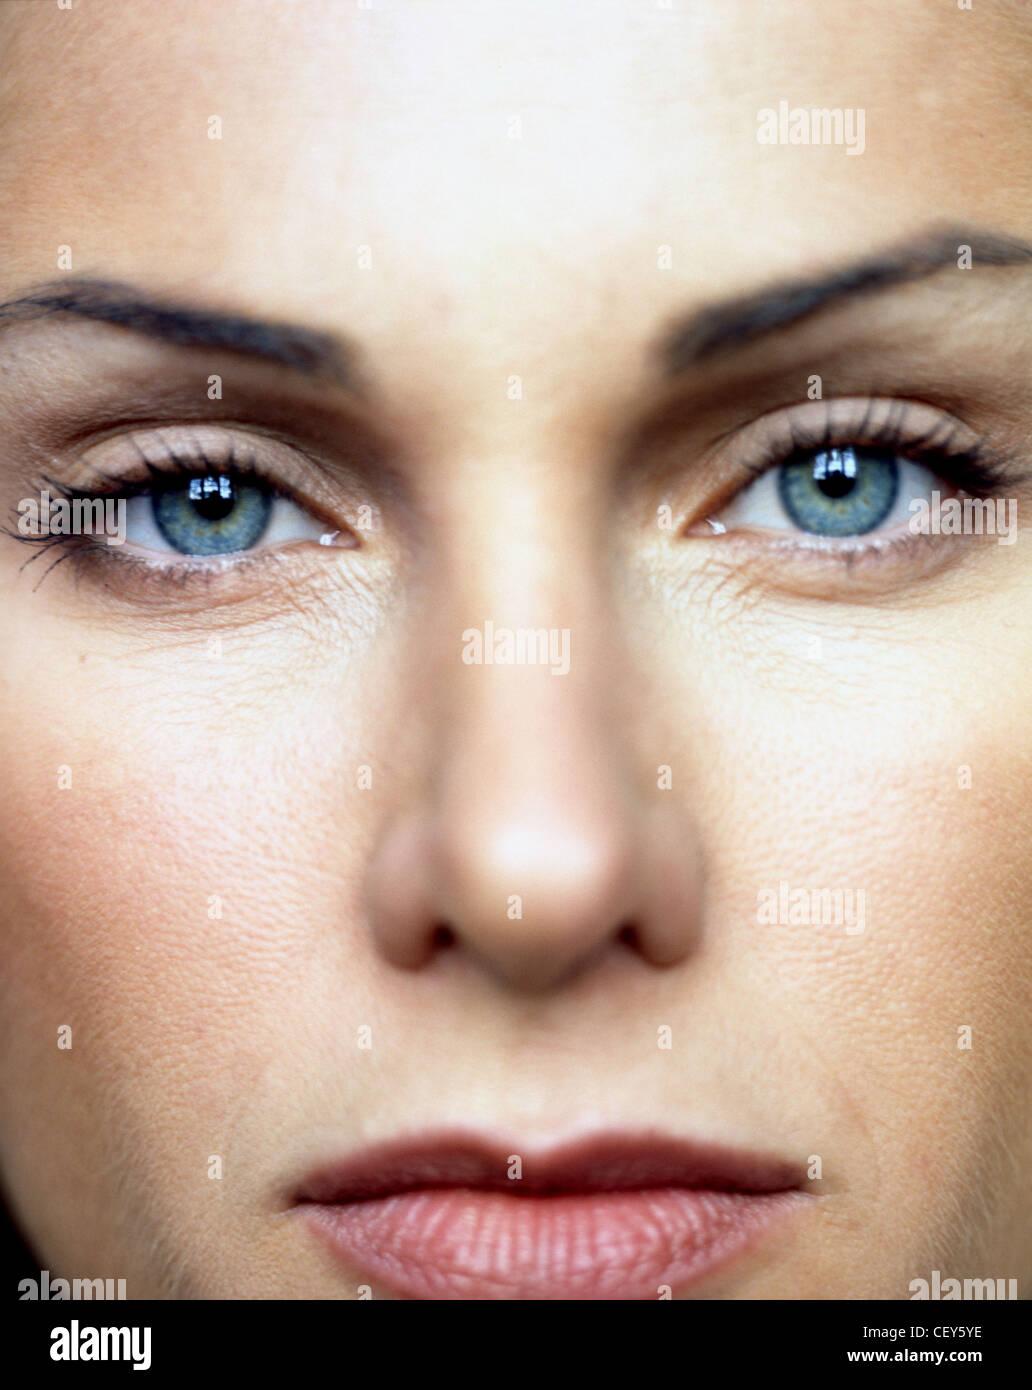 Nahaufnahme von Frauengesicht, detaillierte Augen tragen Beige Lidschatten, braune Lidstrich Oberlider, schwarze Stockbild